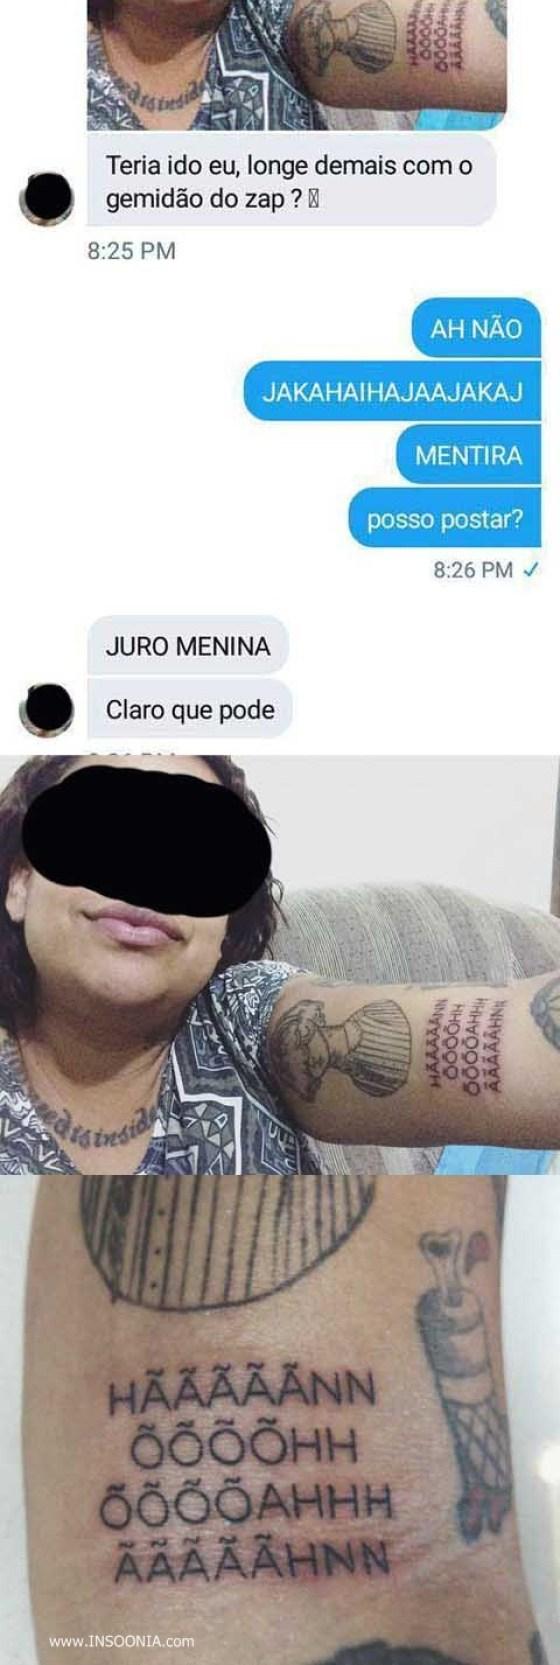 tatuagem gemidão do zap